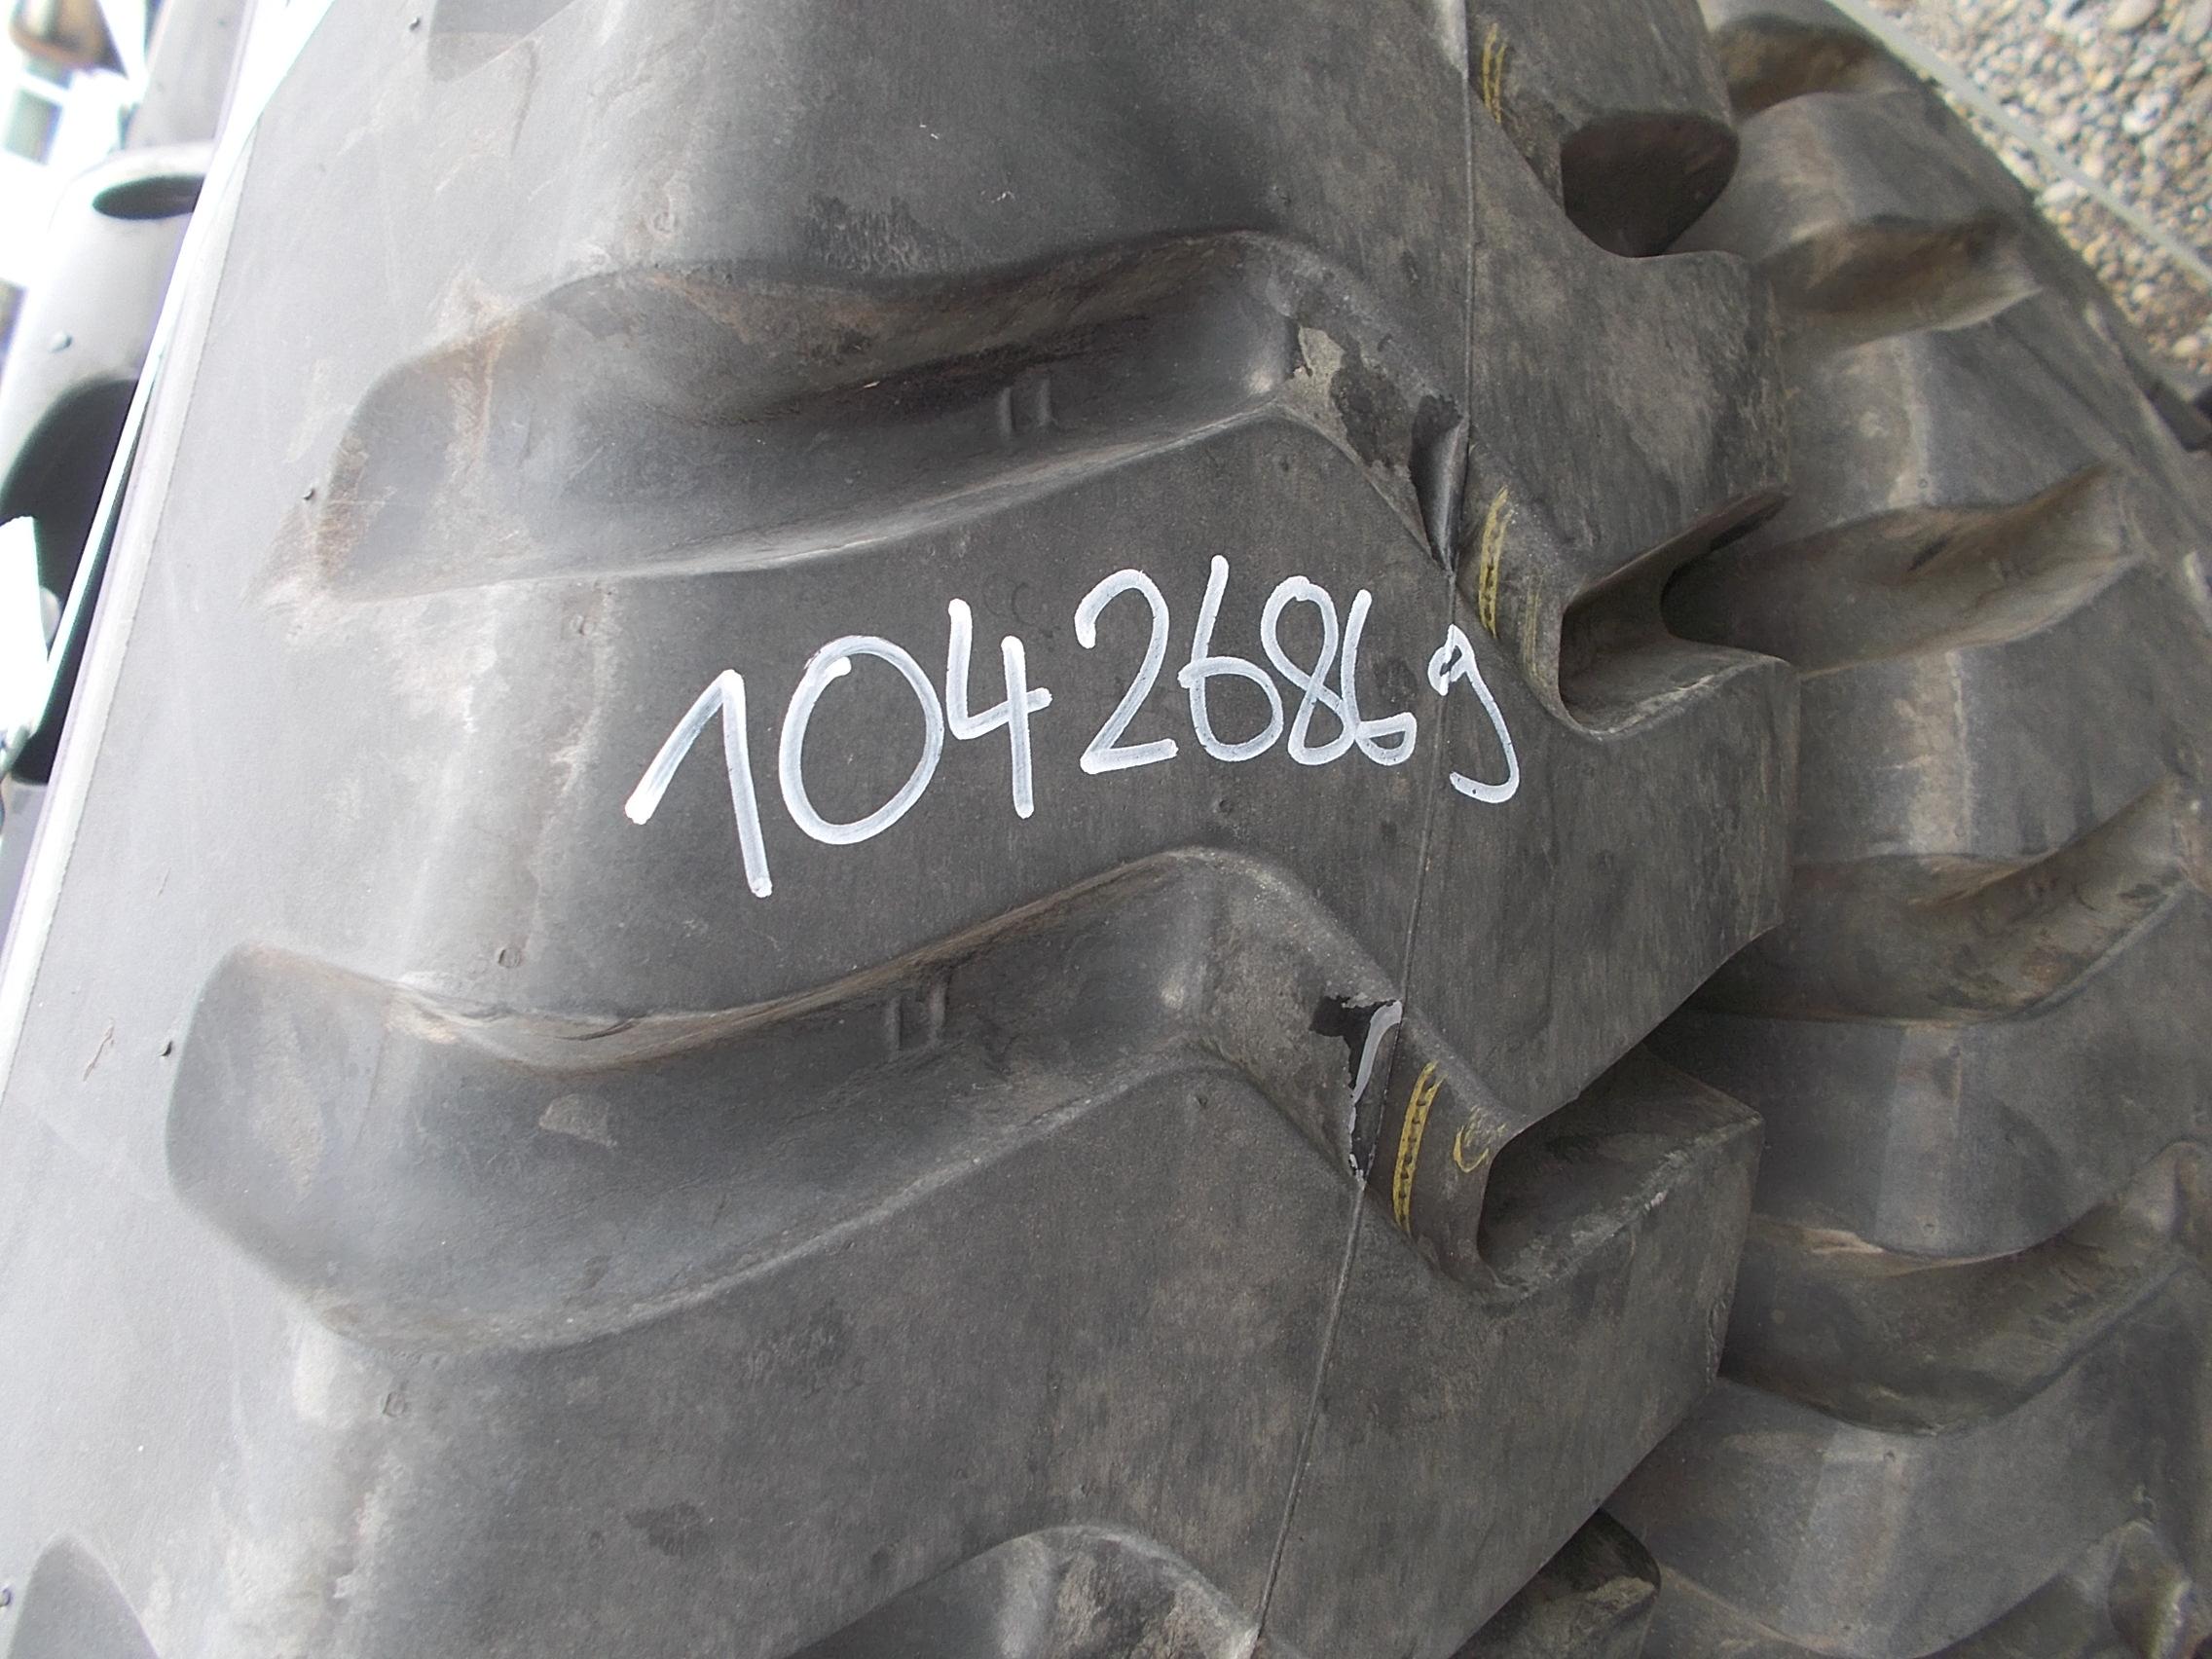 DSCN6691.JPG